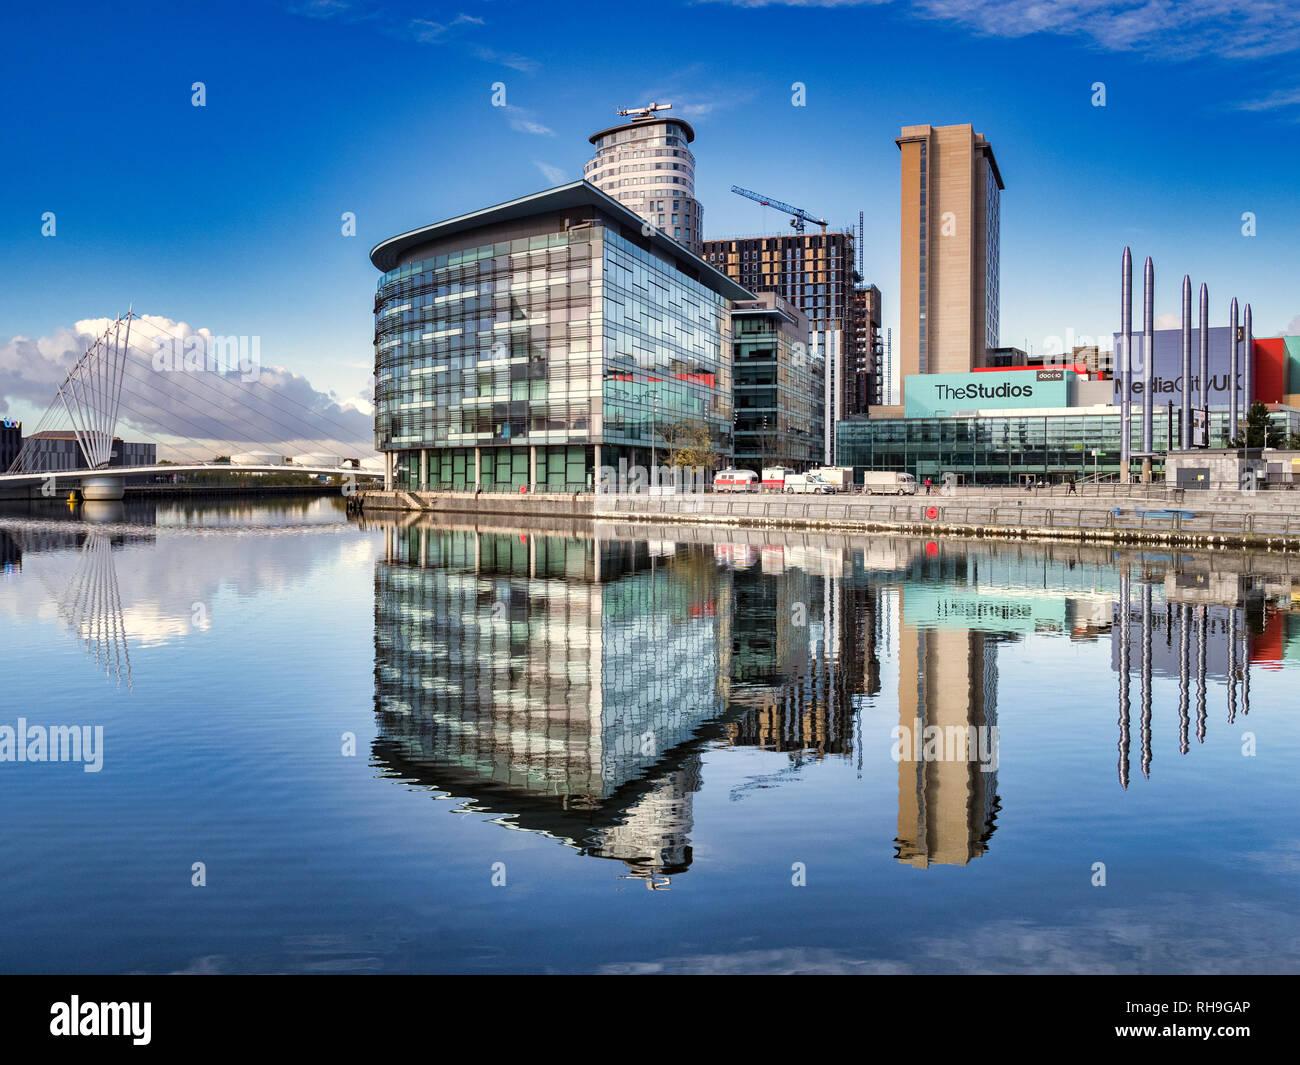 2 novembre 2018: Manchester, UK - Media City UK compte dans le Manchester Ship Canal, sur une parfaite journée d'automne. Photo Stock